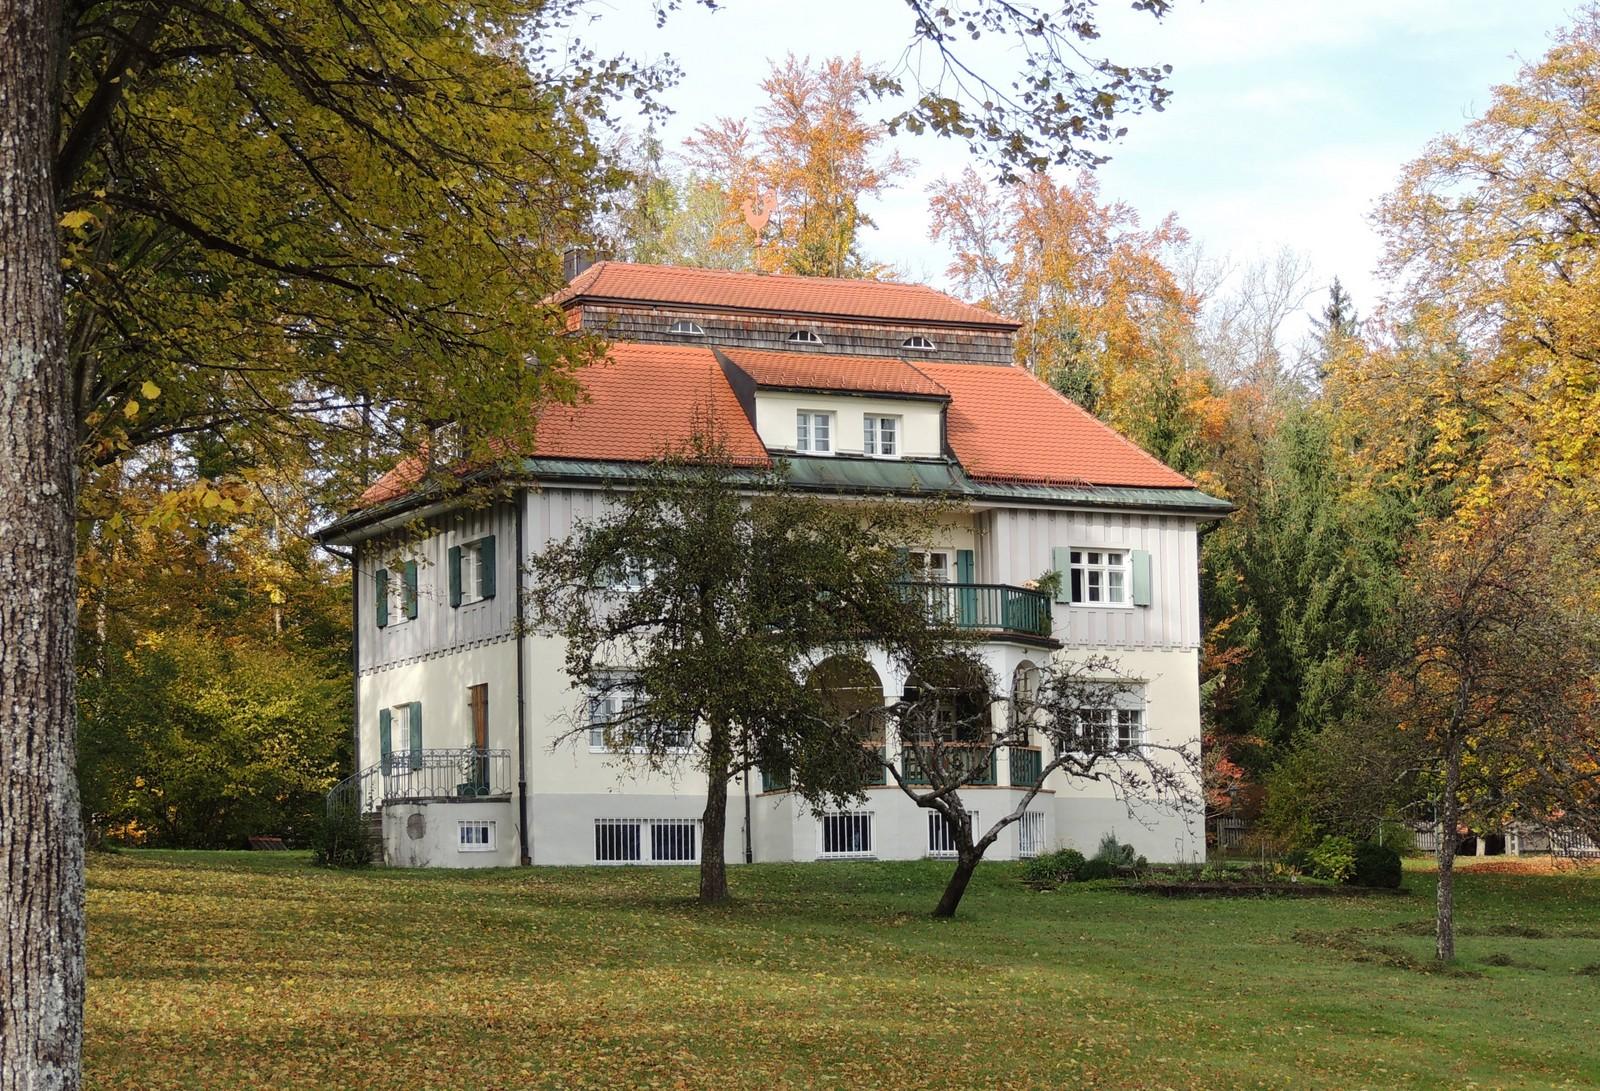 Landhaus von Thomas Mann in Bad Tölz